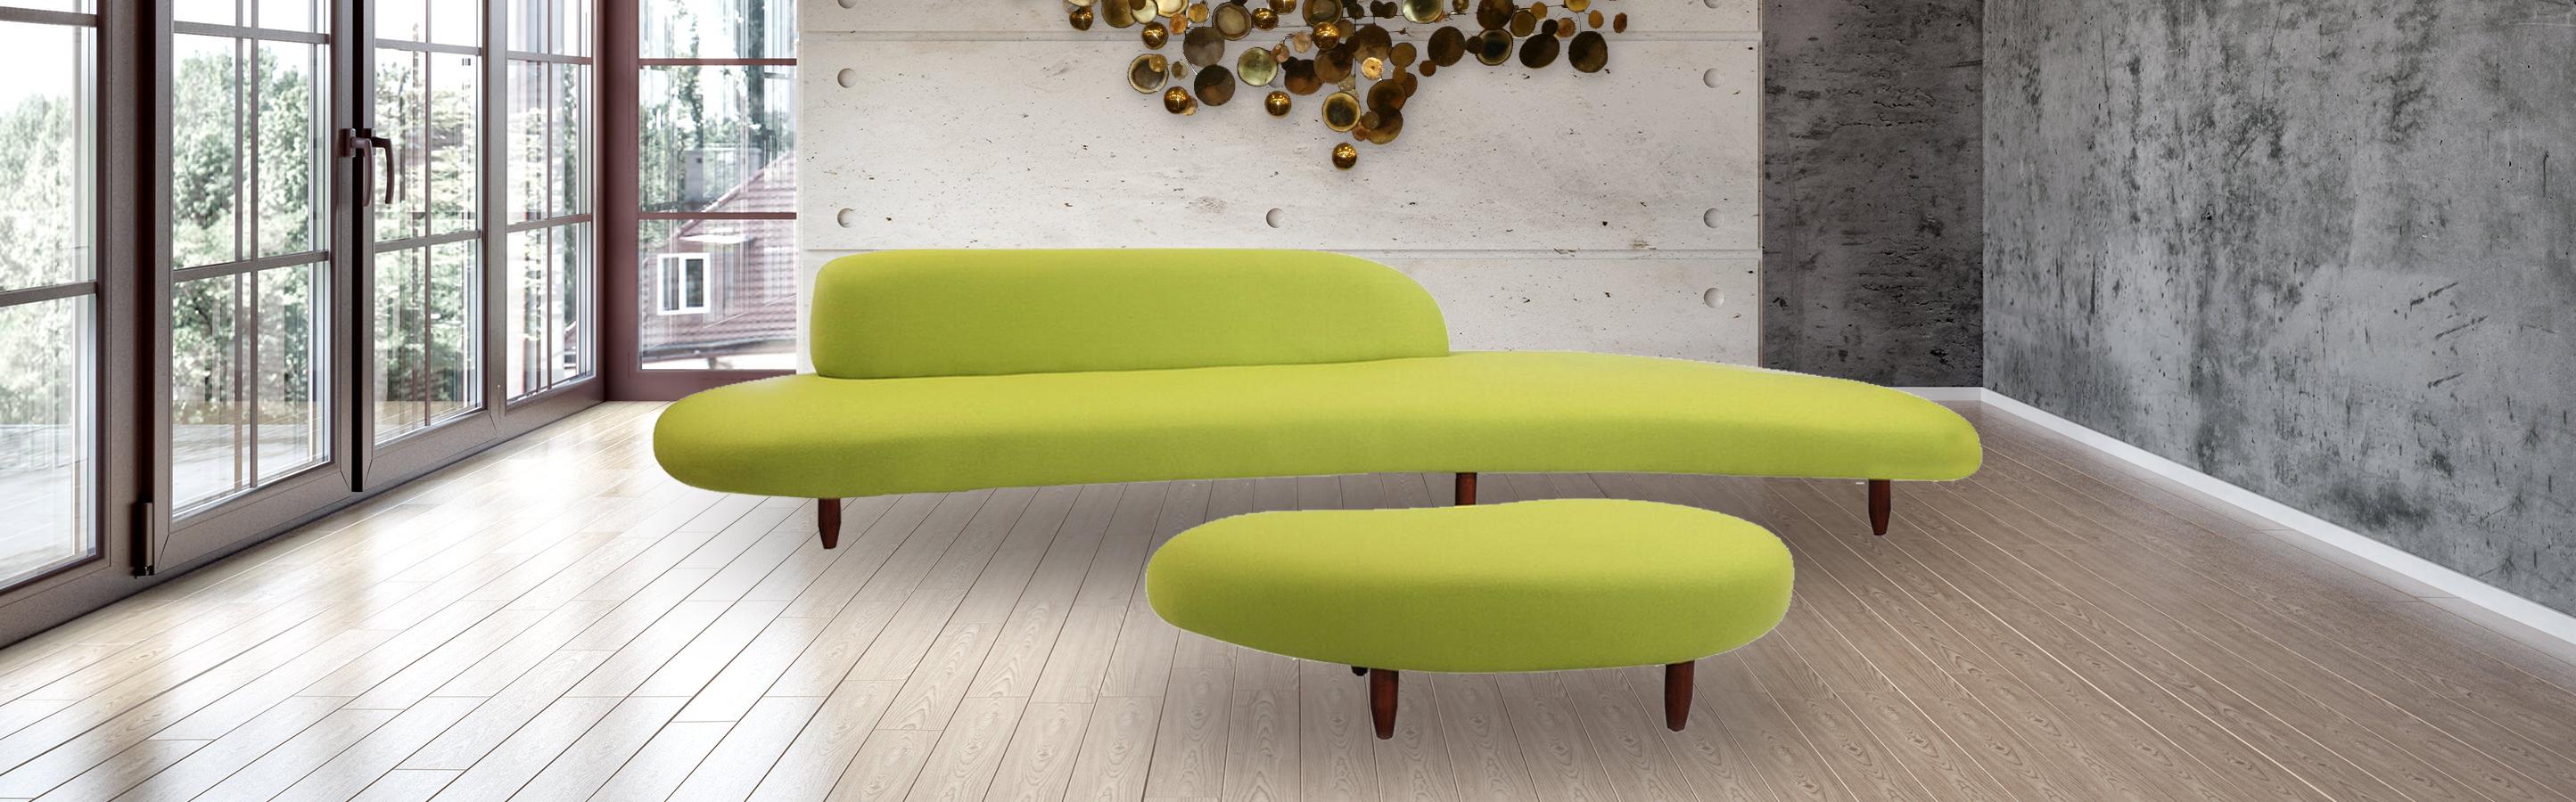 100 yellow ottoman coffee table living room living room fur